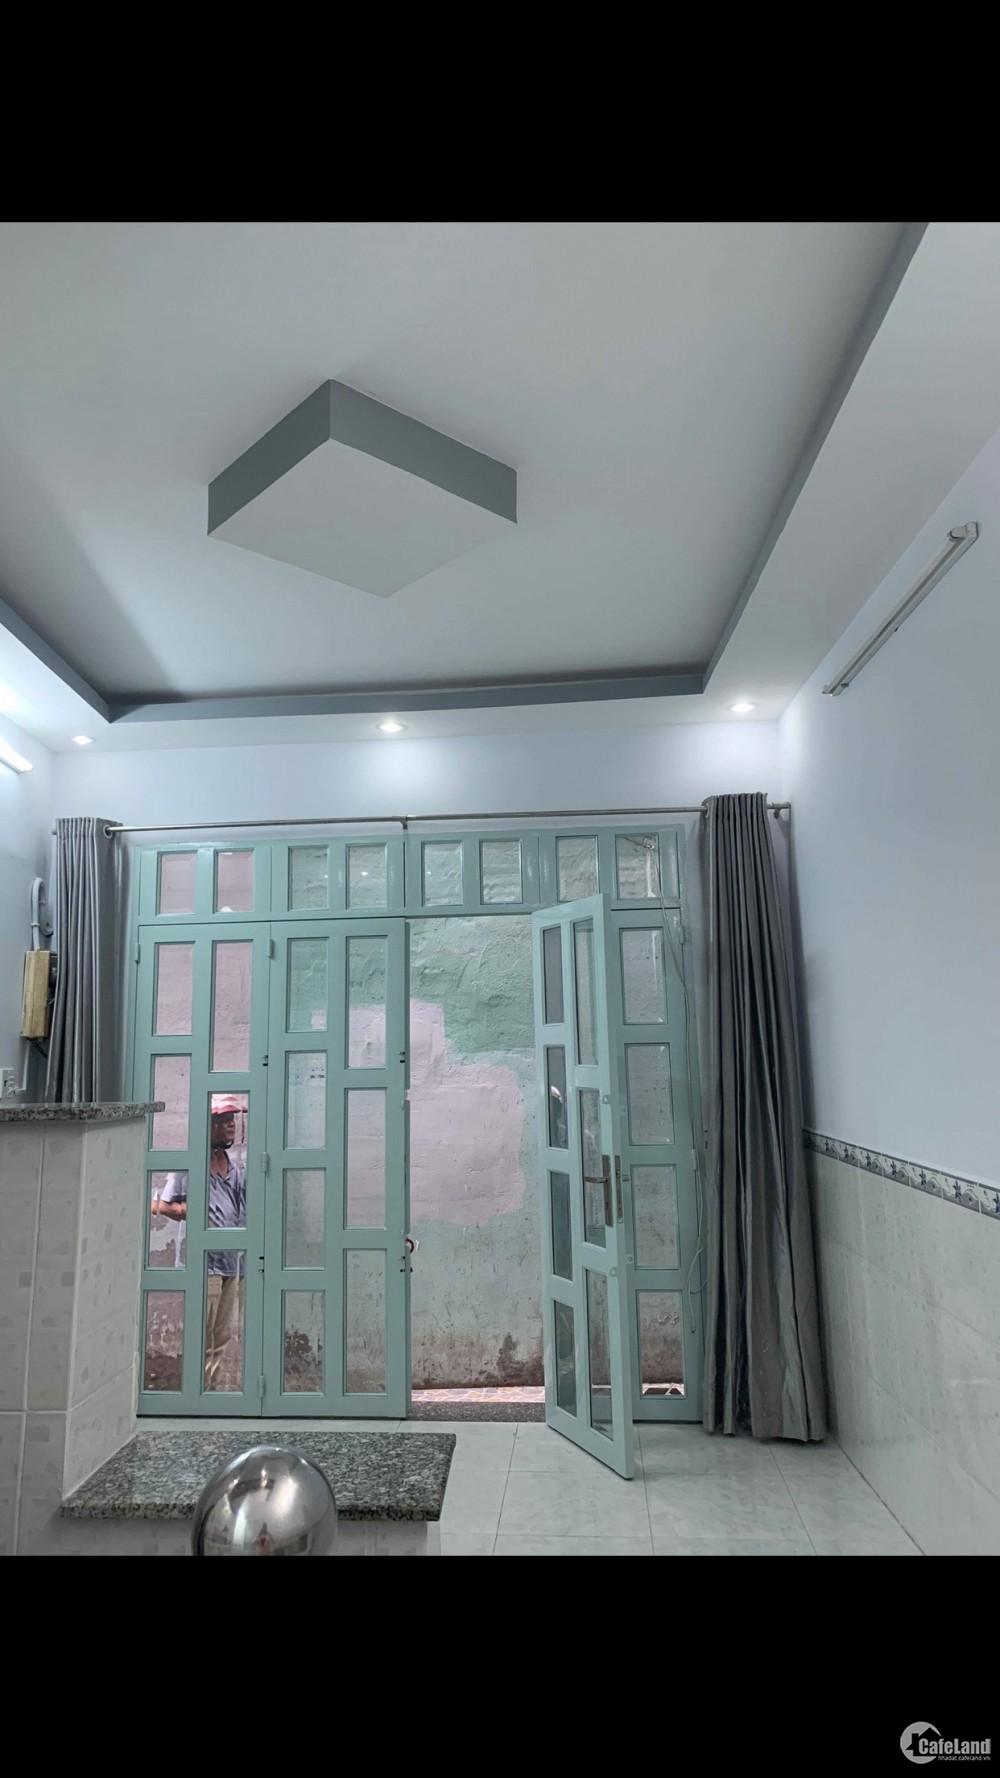 Bán nhà hẻm vị trí đẹp tại đường Phạm Thế Hiển, Phường 6, Quận 8, HCM.